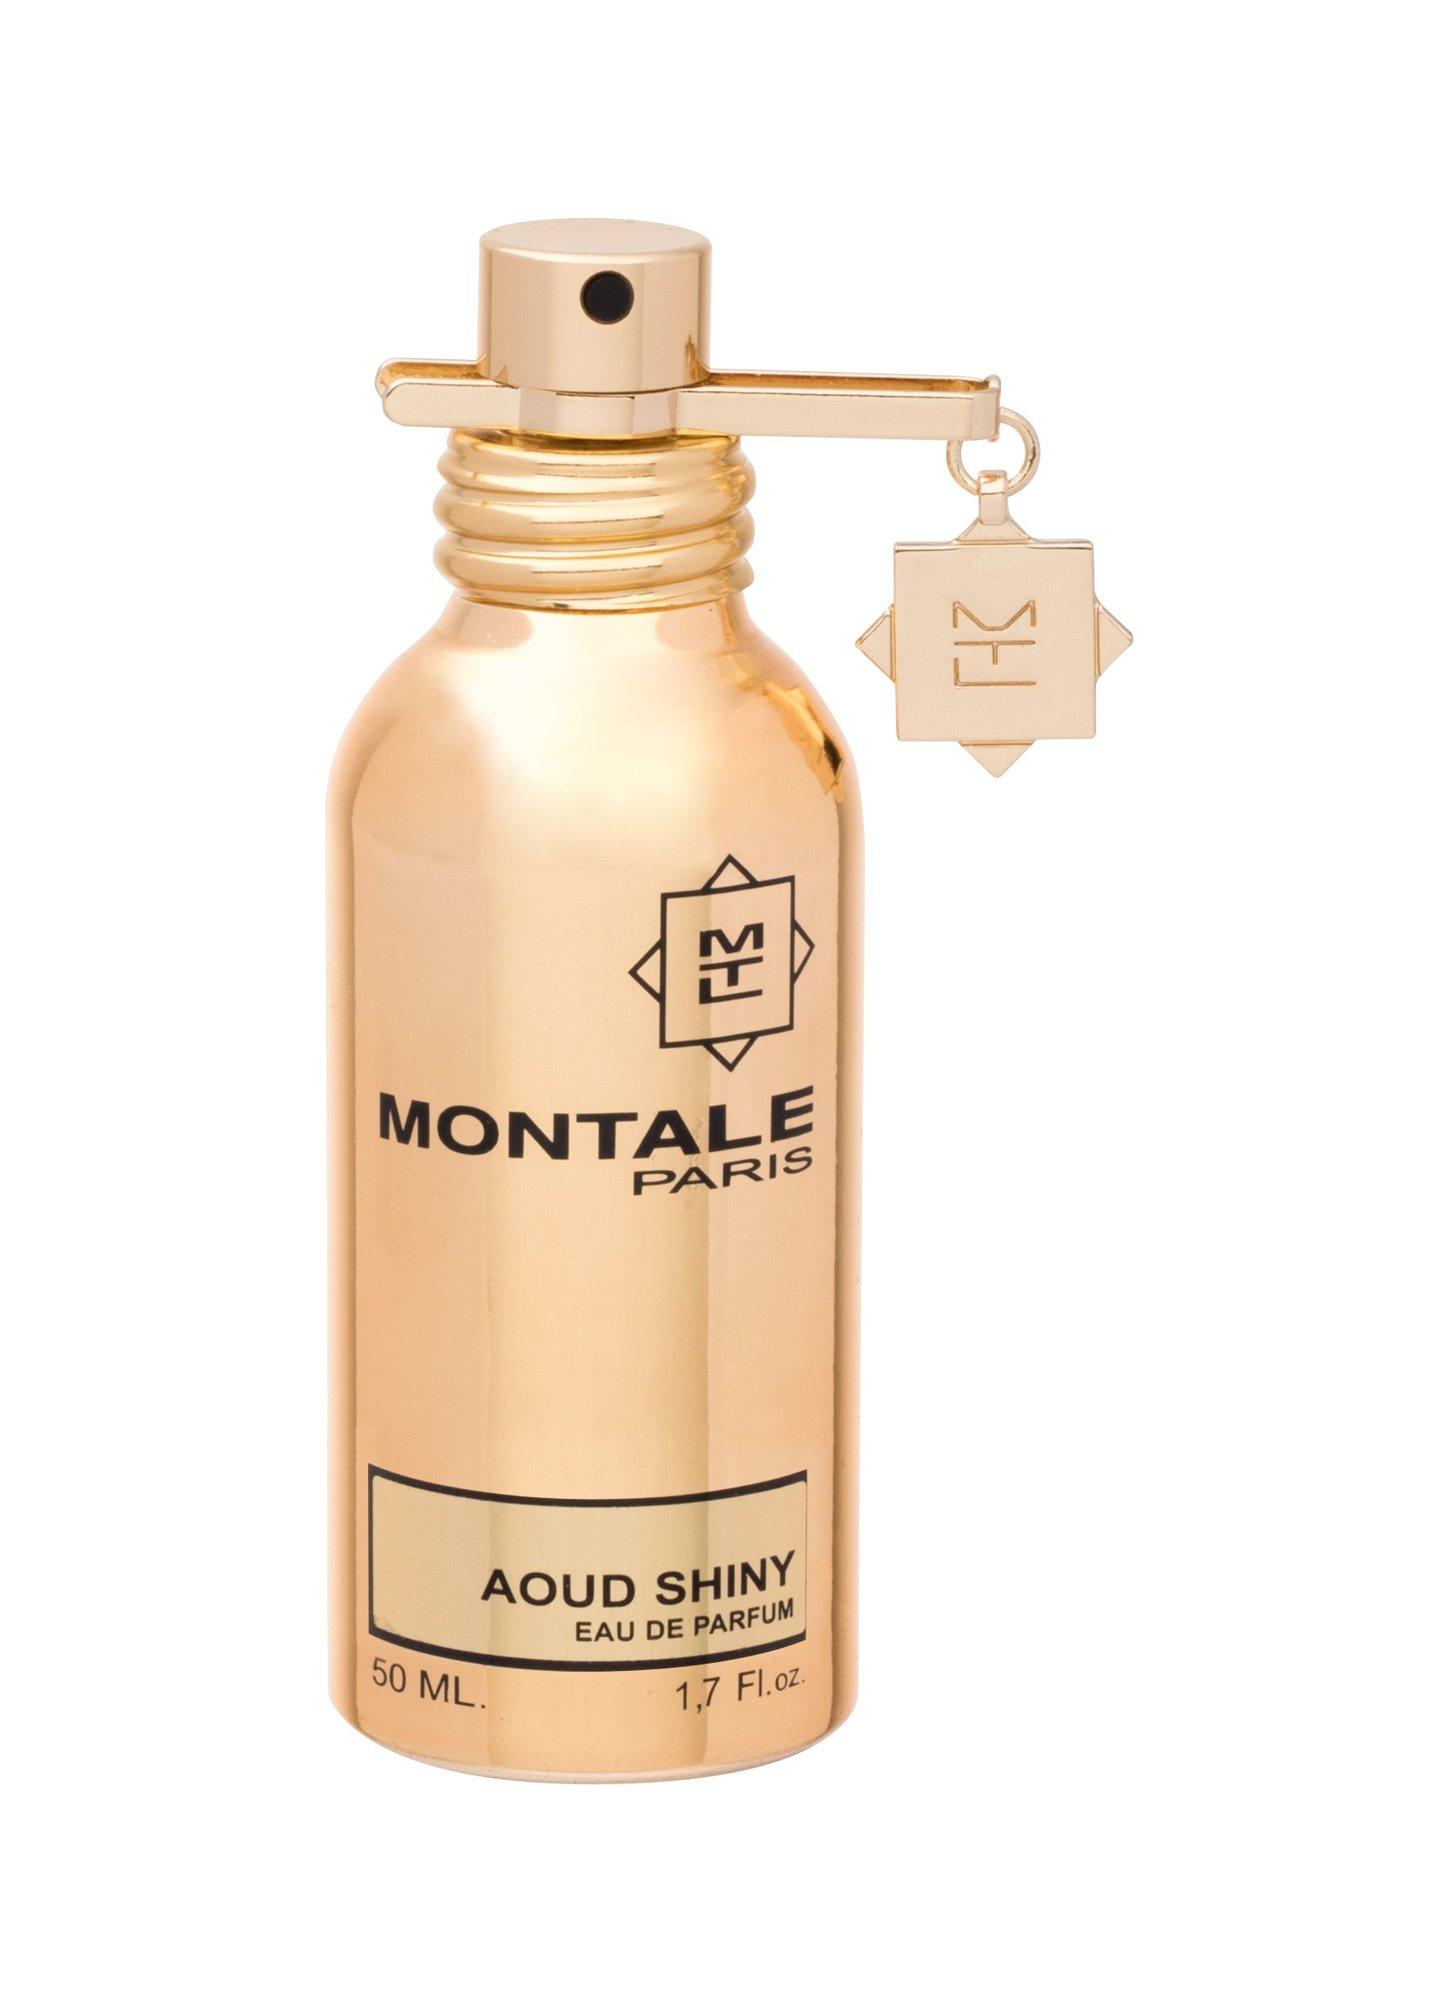 Montale Paris Aoud Shiny EDP 50ml